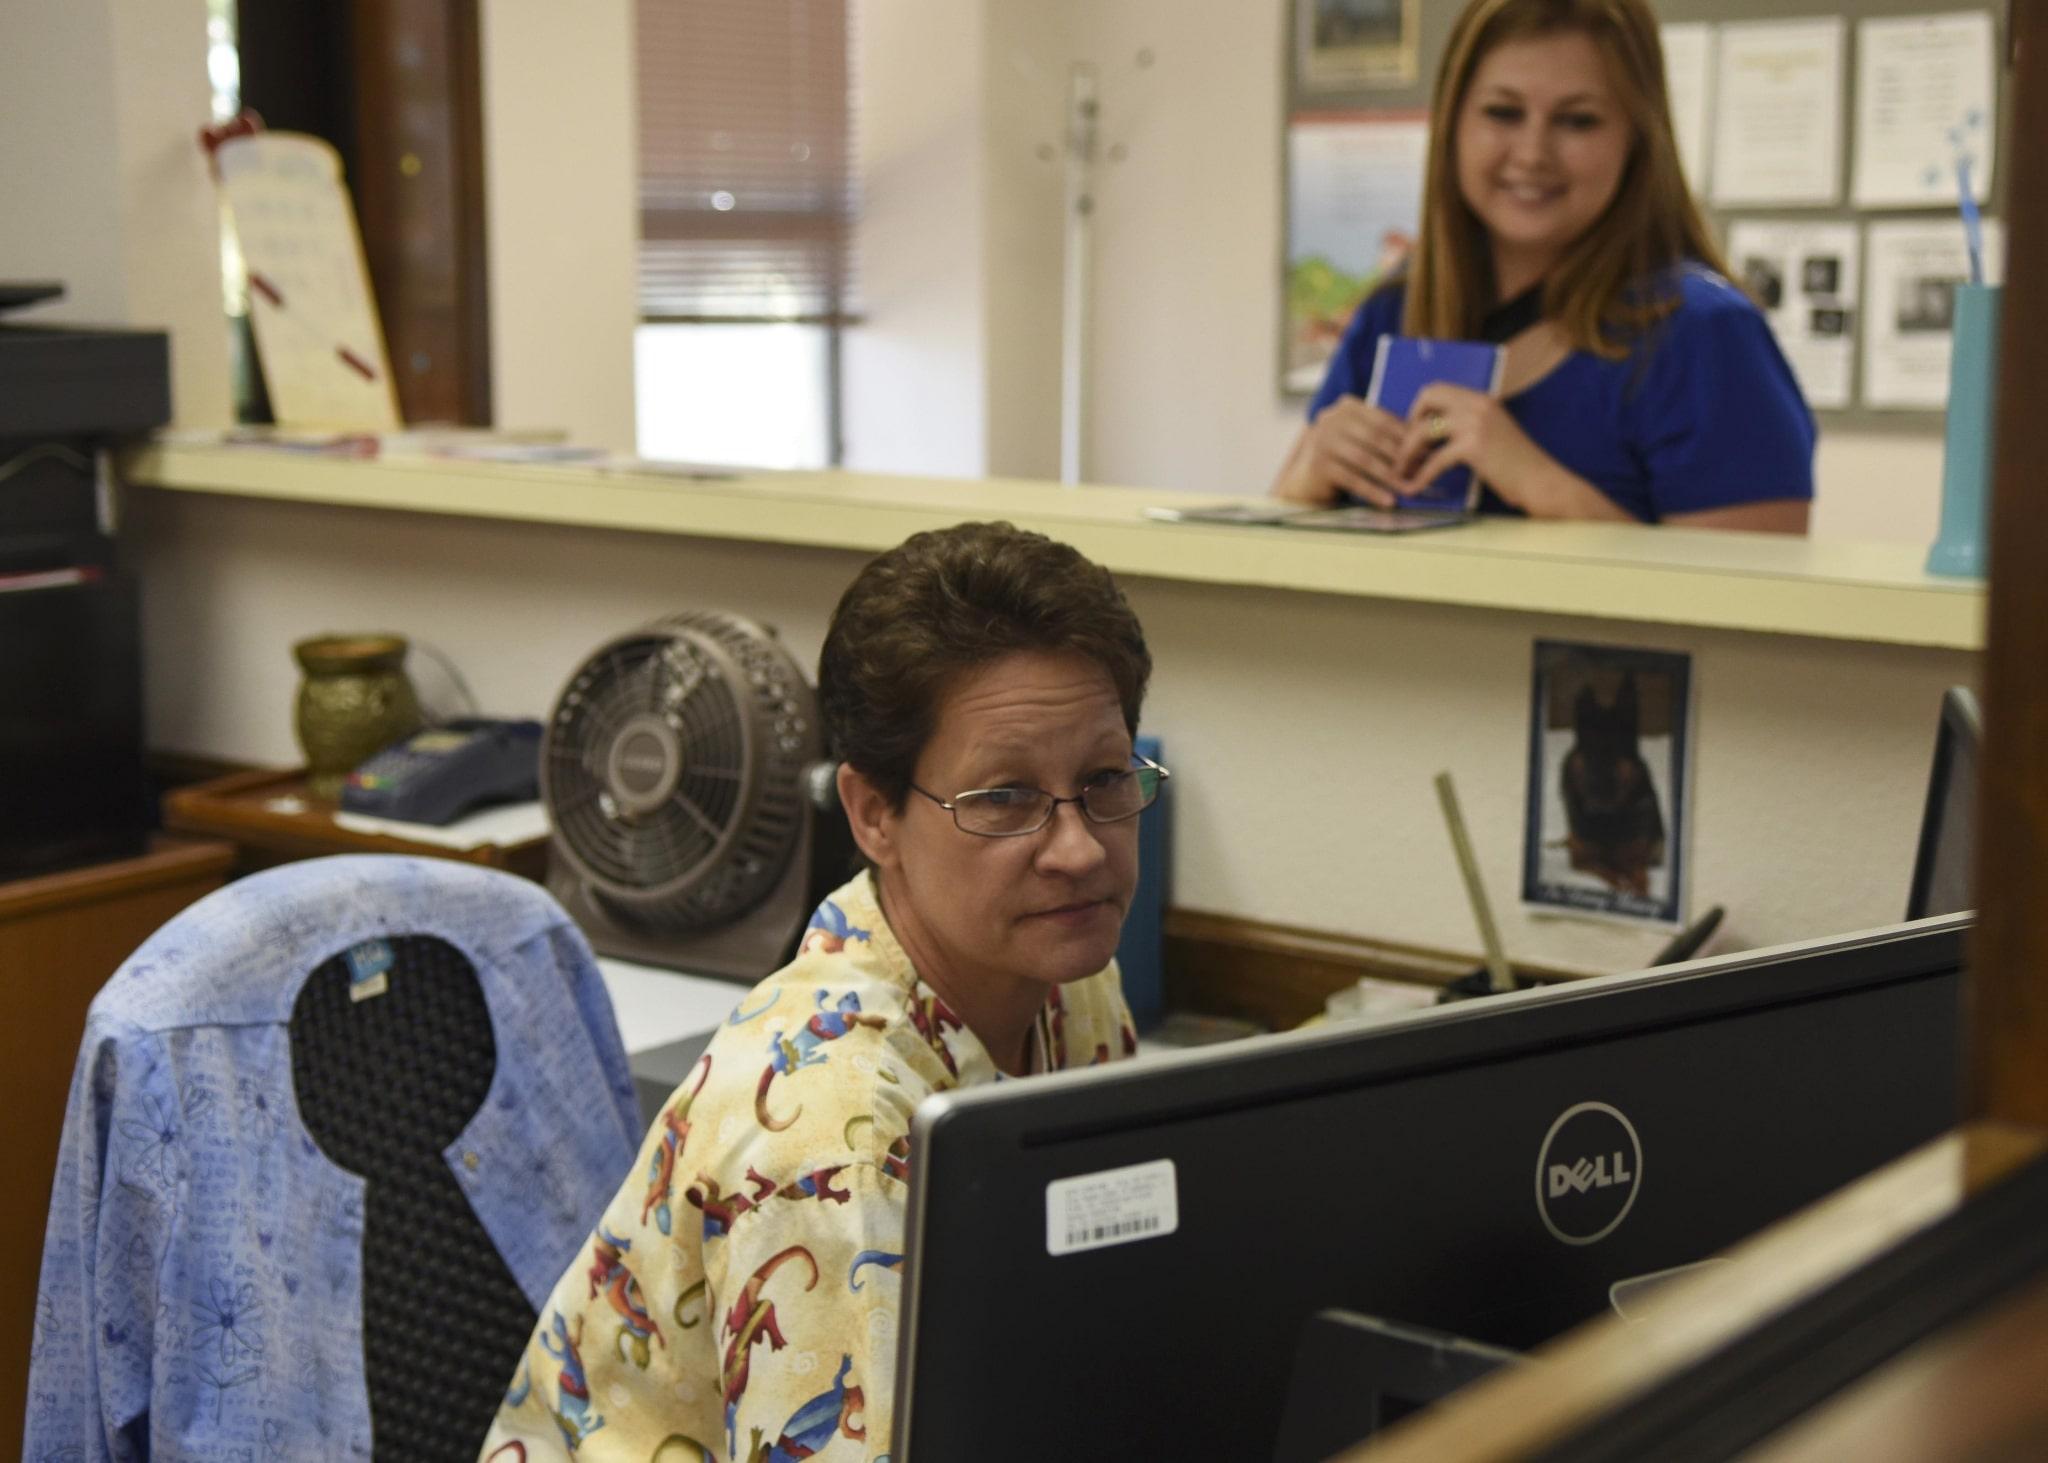 Medical receptionist assisting a patient